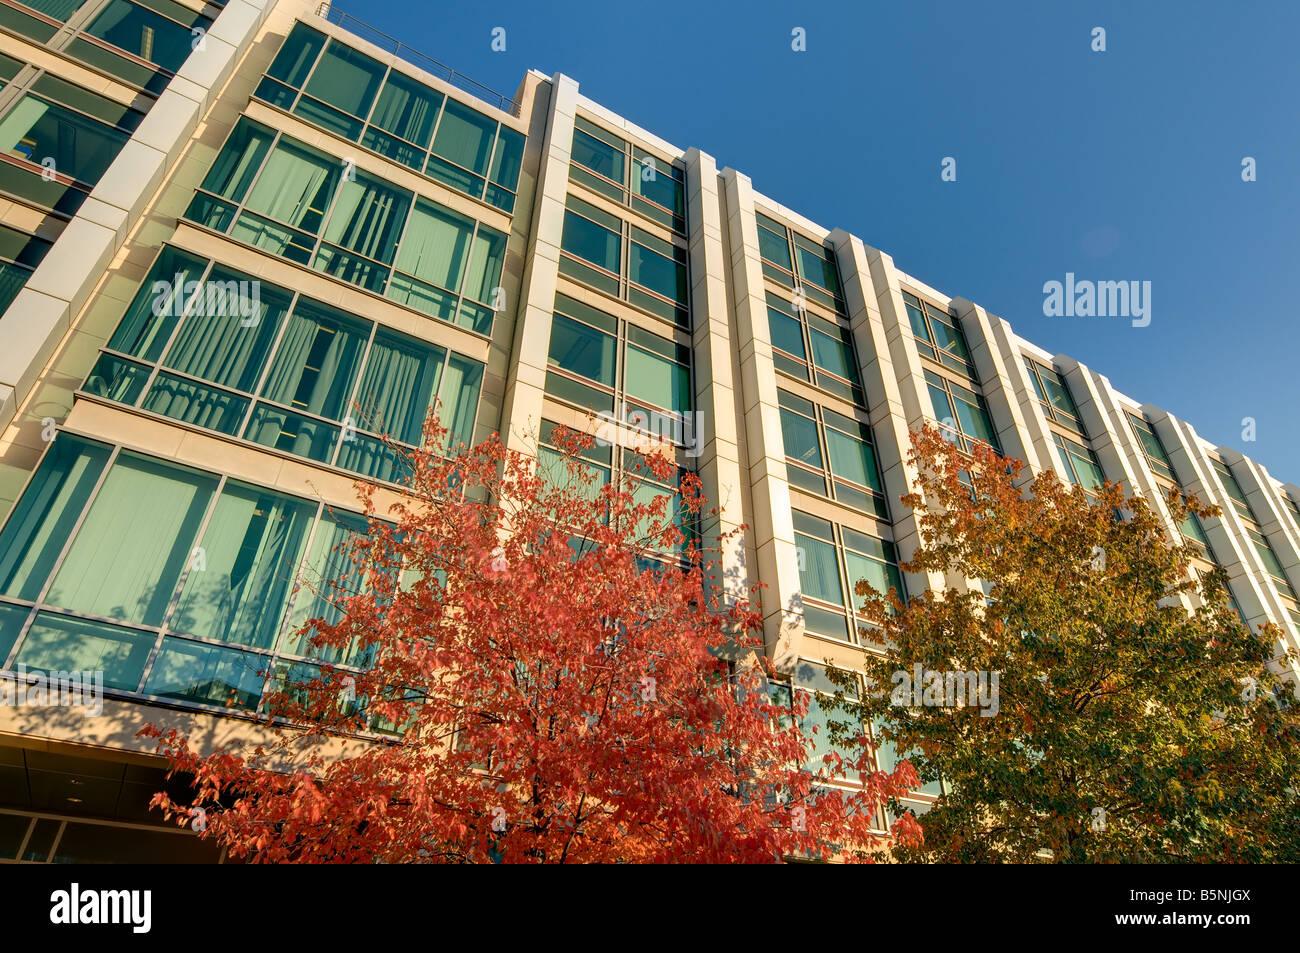 HDR-Blick auf 68 Gebäude auf dem Campus des Massachusetts Institute of Technology in Cambridge MA wie auf 10 Stockbild